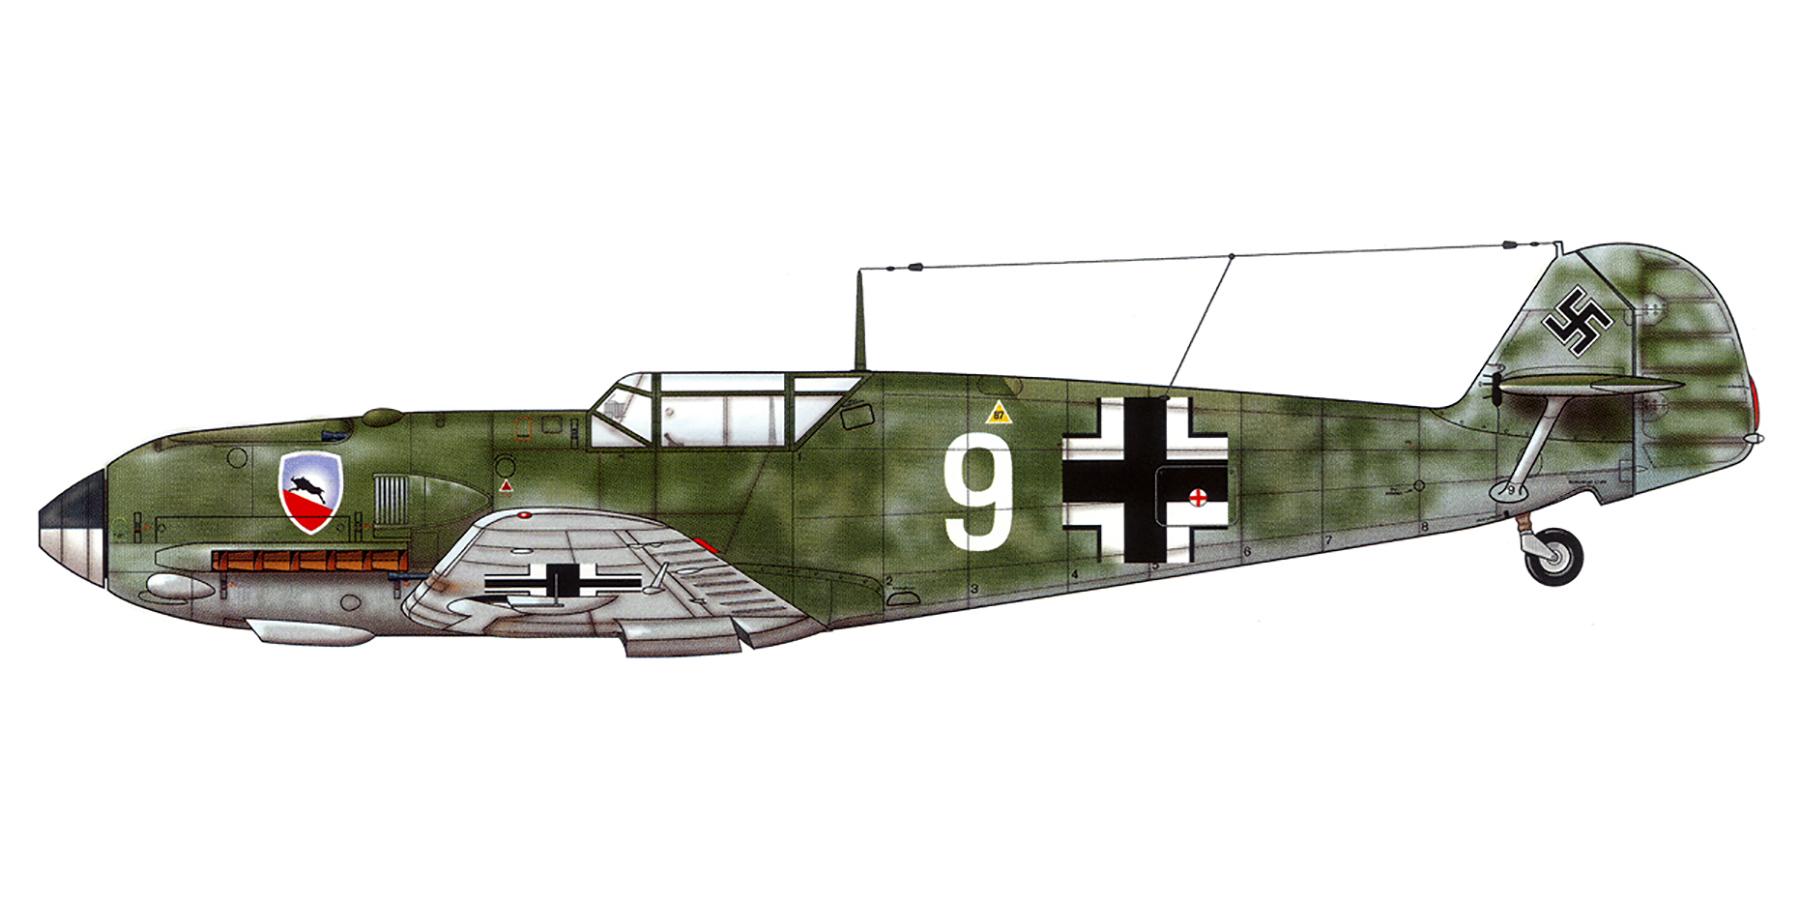 Messerschmitt Bf 109E1 1.JG52 White 9 Herbert Bischoff forced landed near Kent 24th Aug 1940 0C